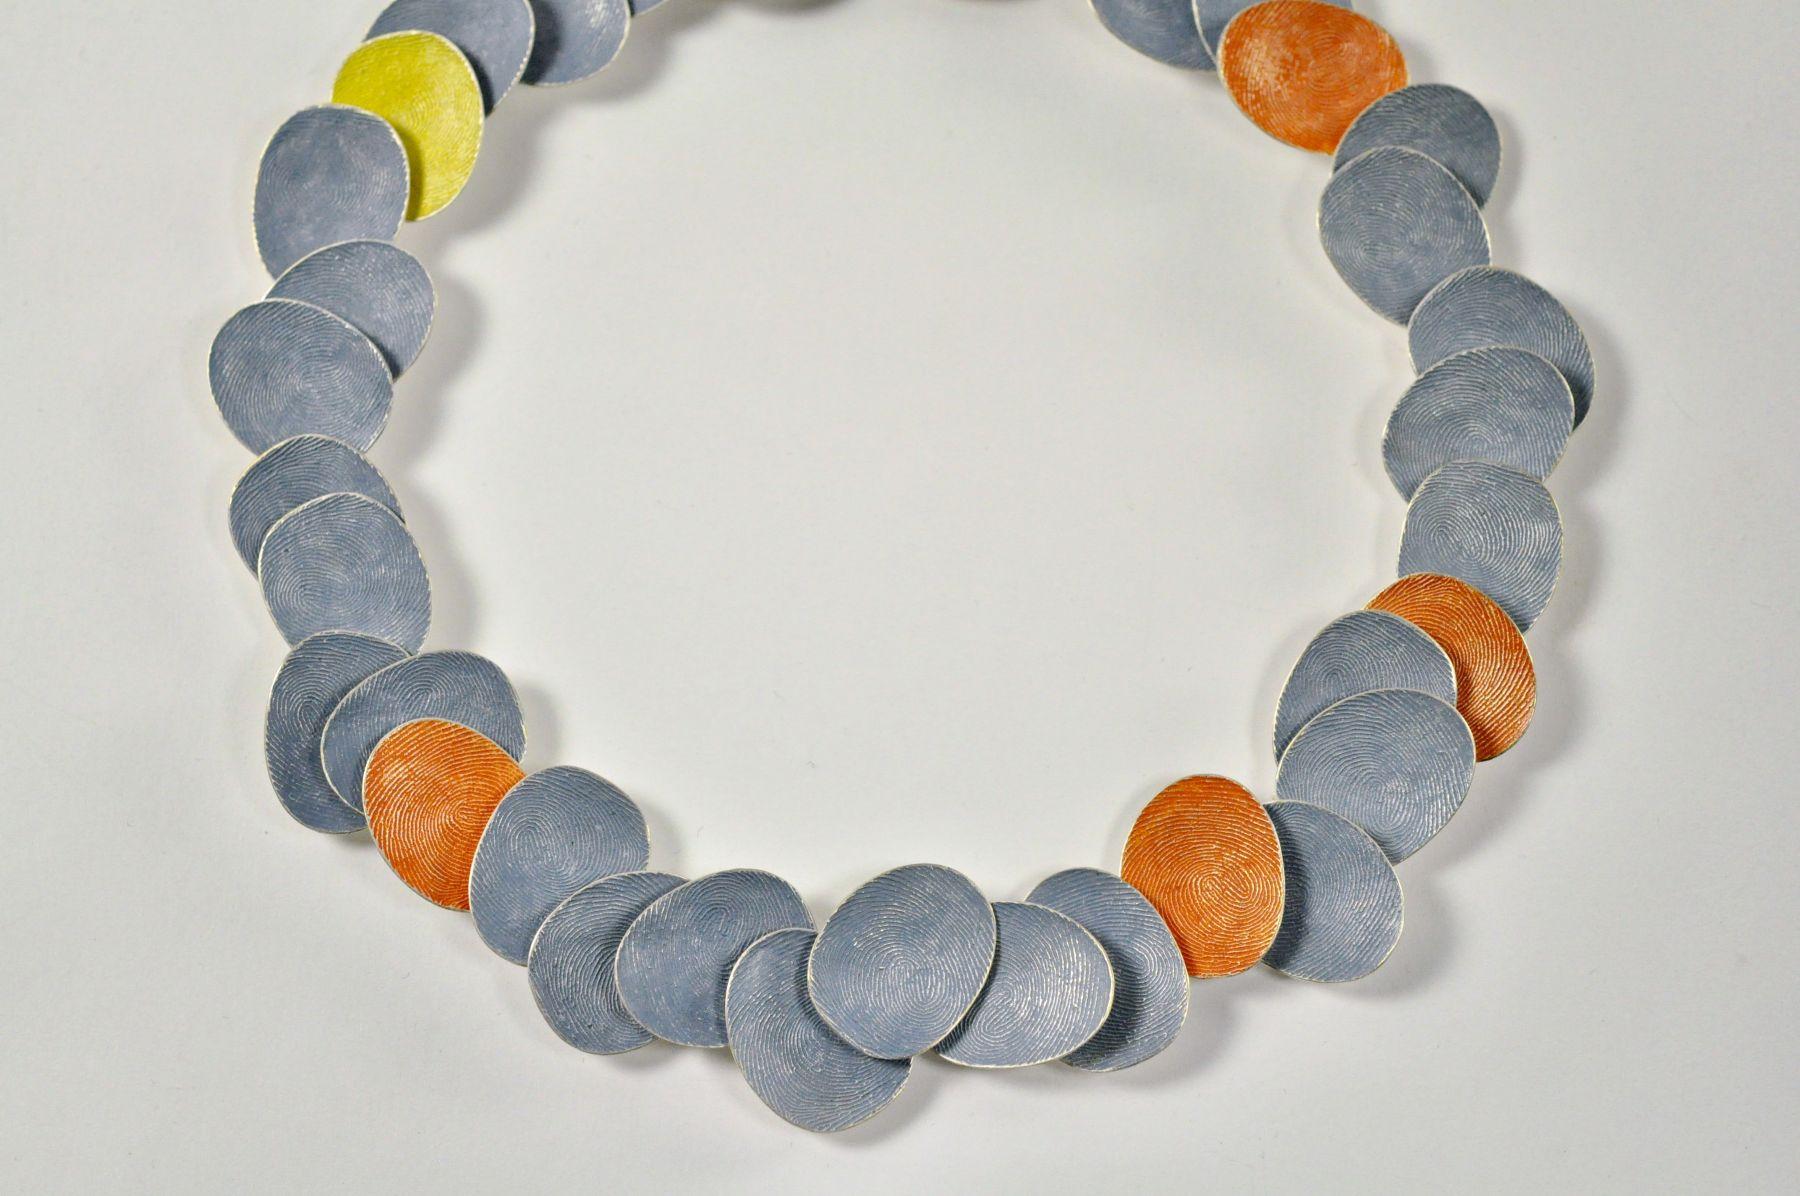 Gerd Rothmann, Glückliche Tage, halssieraad, 2021, zilver, pigment